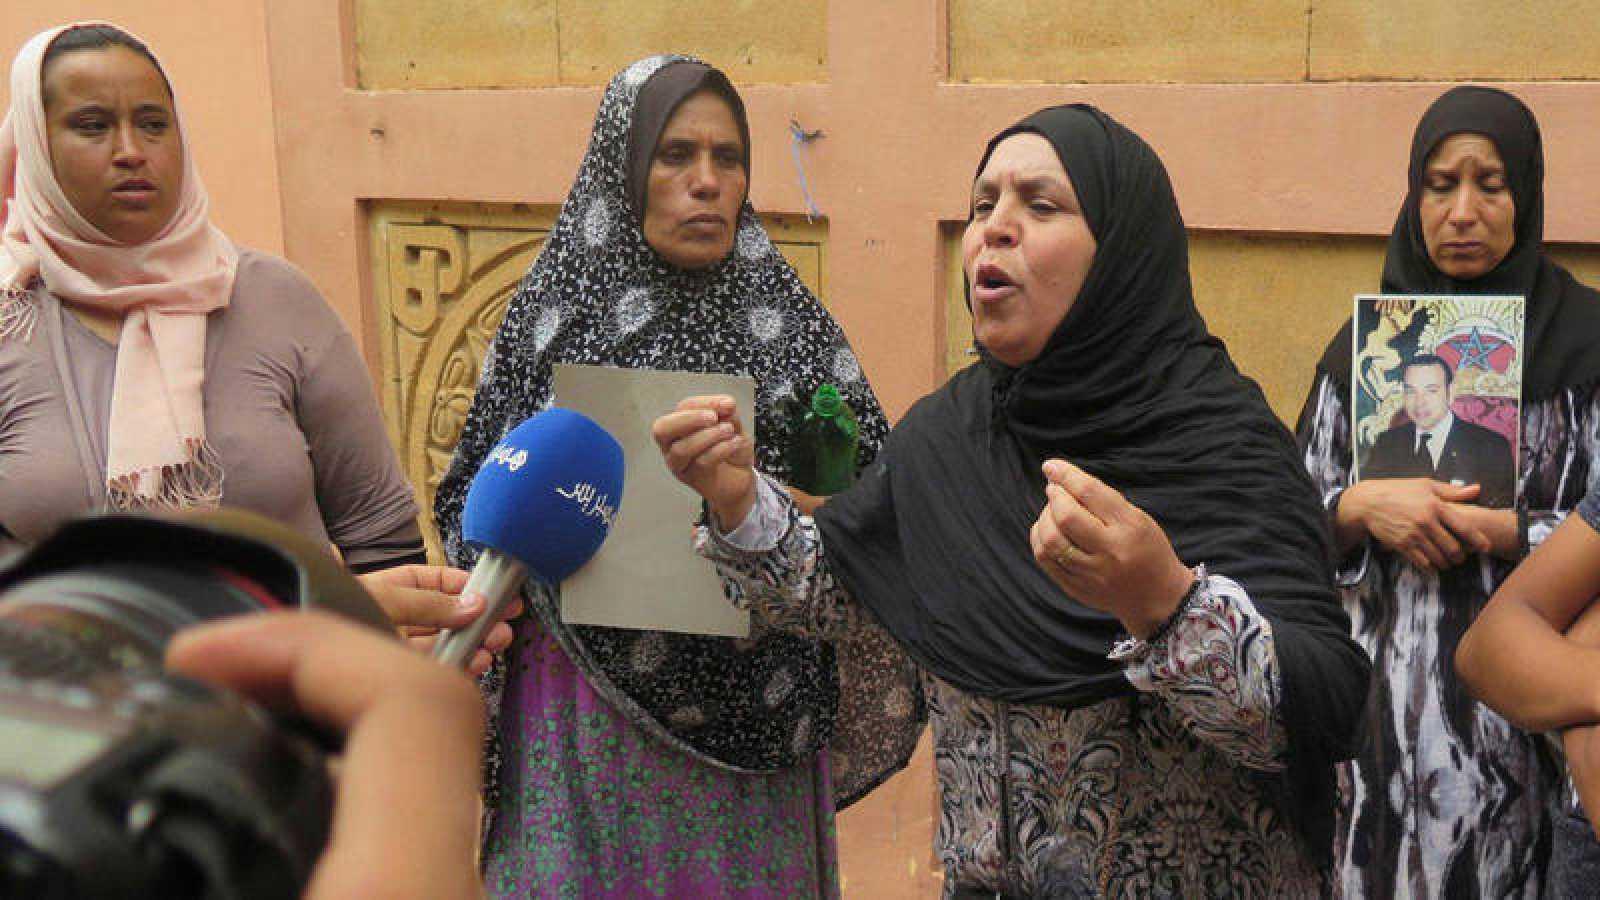 El acoso sexual en la calle y en el trabajo ya es delito en Marruecos